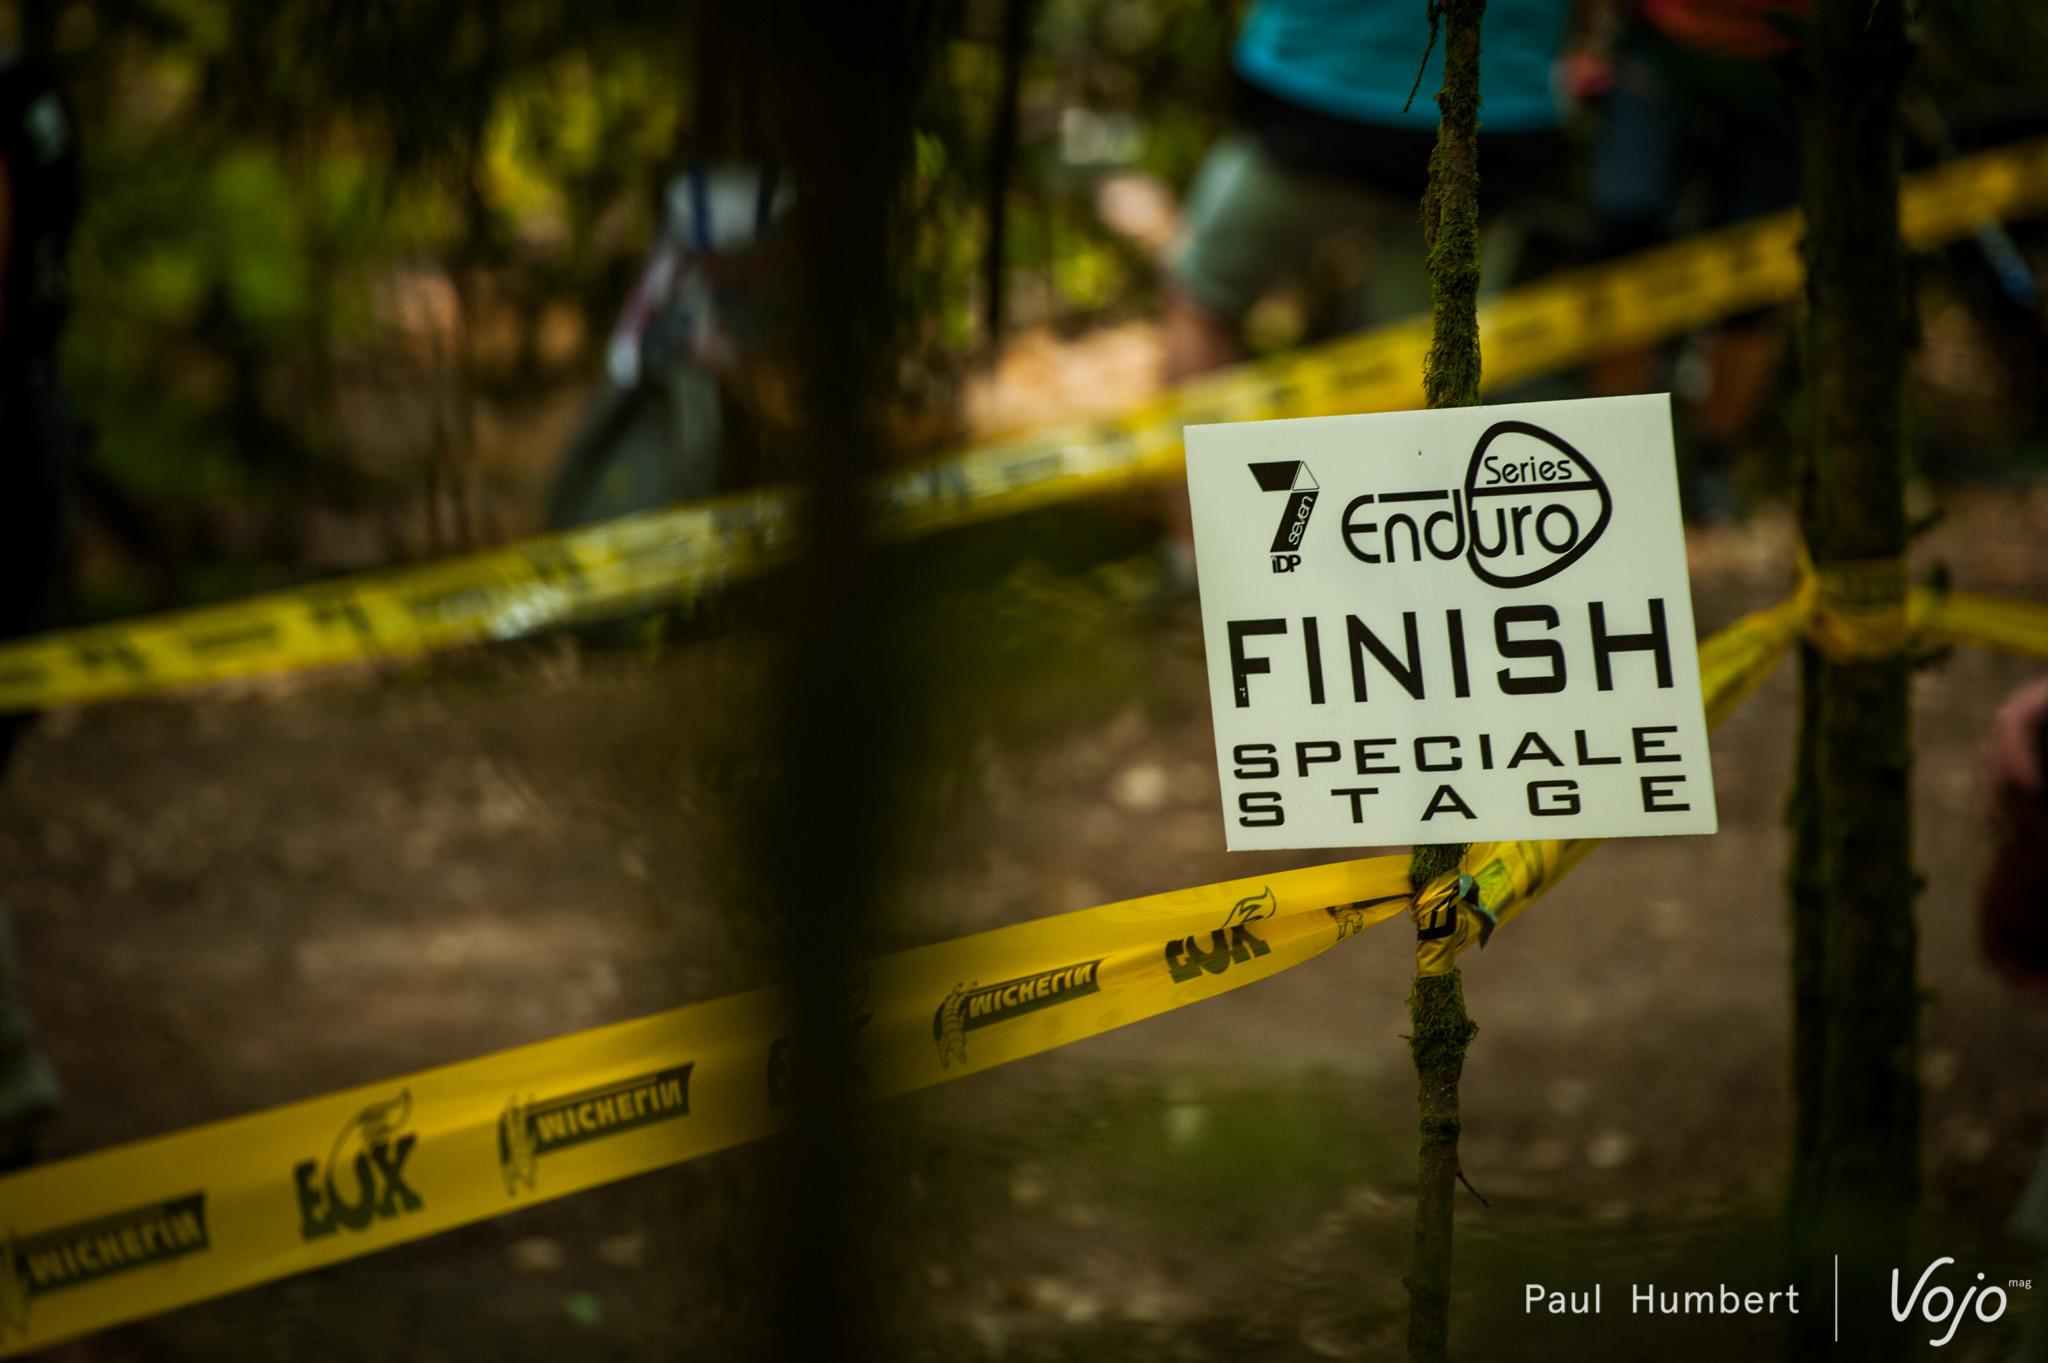 Raon-l-etape-vojo-2016-paul-humbert-56